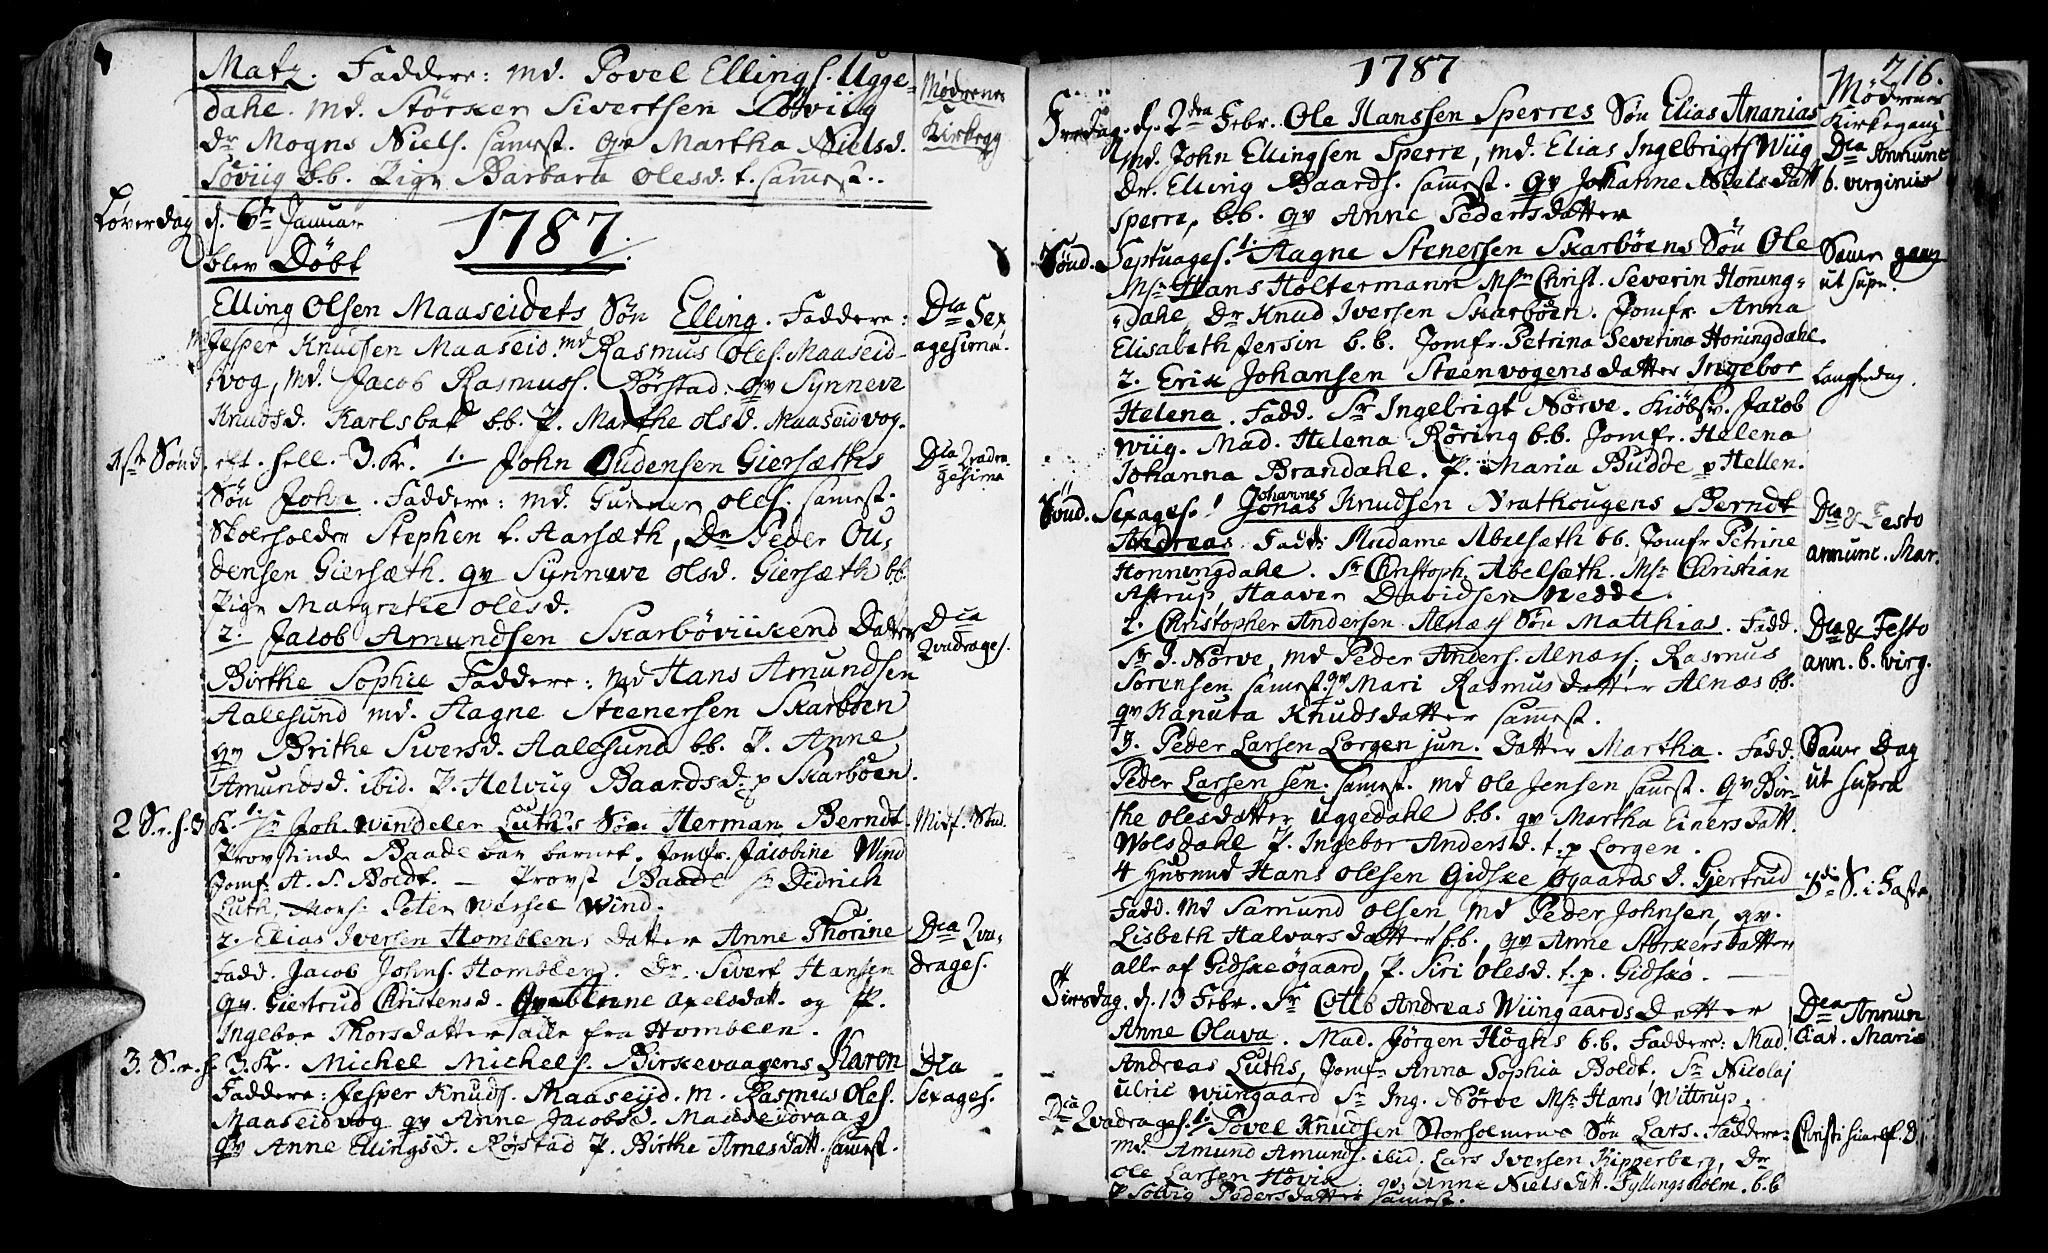 SAT, Ministerialprotokoller, klokkerbøker og fødselsregistre - Møre og Romsdal, 528/L0392: Ministerialbok nr. 528A03, 1762-1800, s. 216